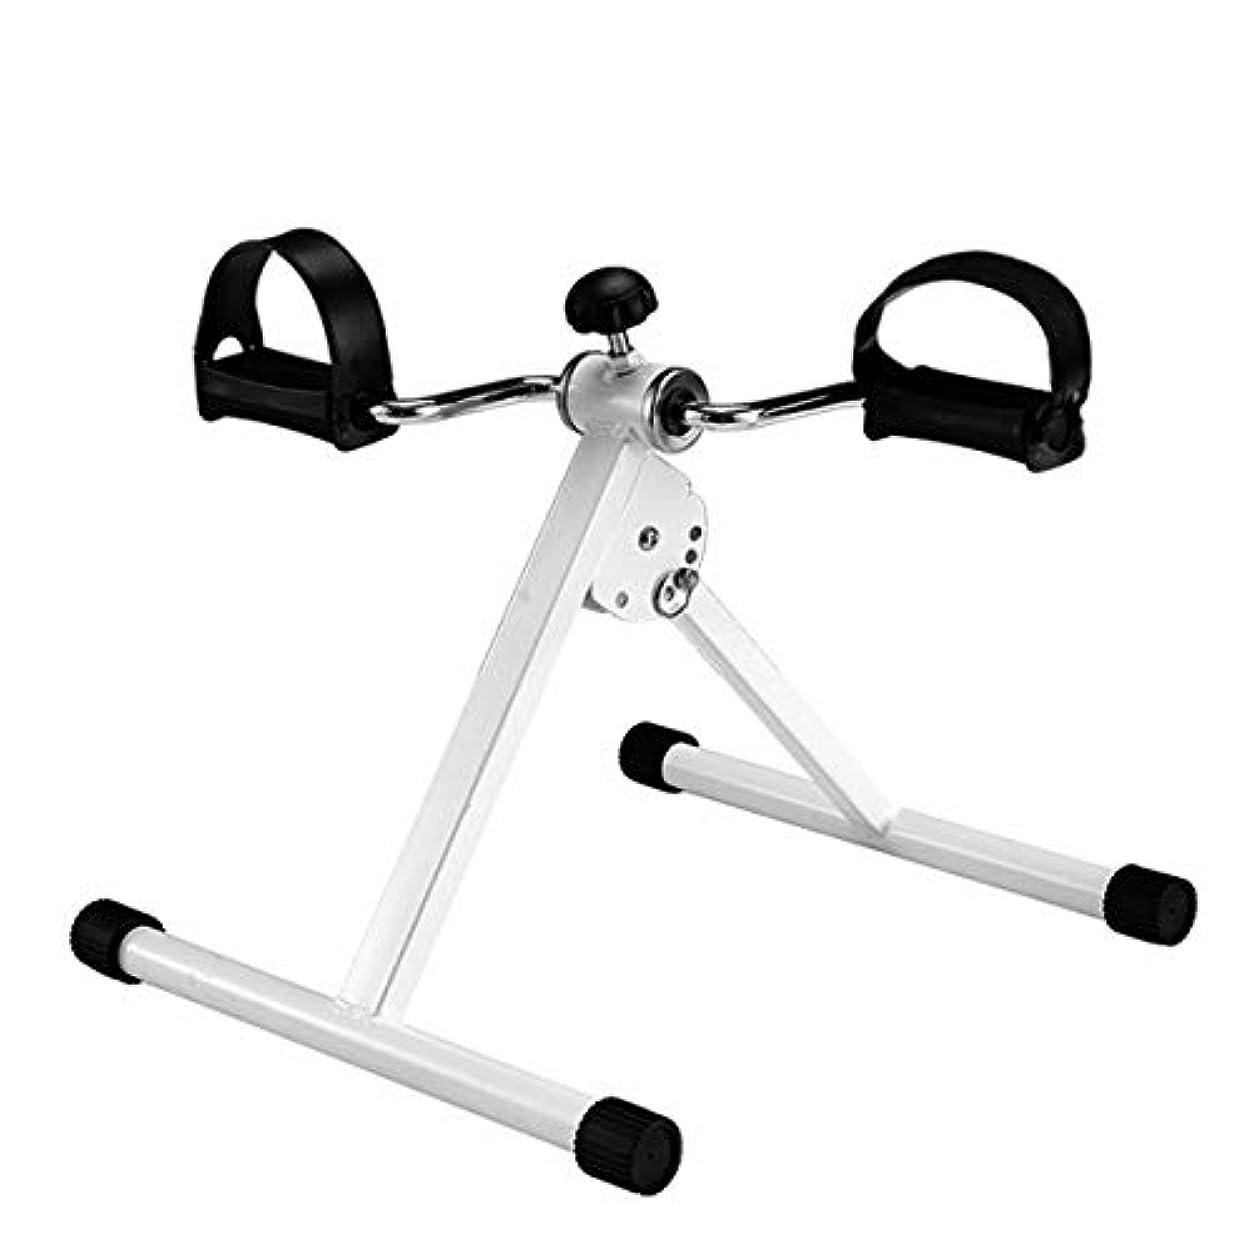 高齢者障害者リハビリテーショントレーニング自転車、ホームレッグアームペダルエクササイザー、上下肢トレーニング機器、ホーム理学療法フィットネスワークアウト,A